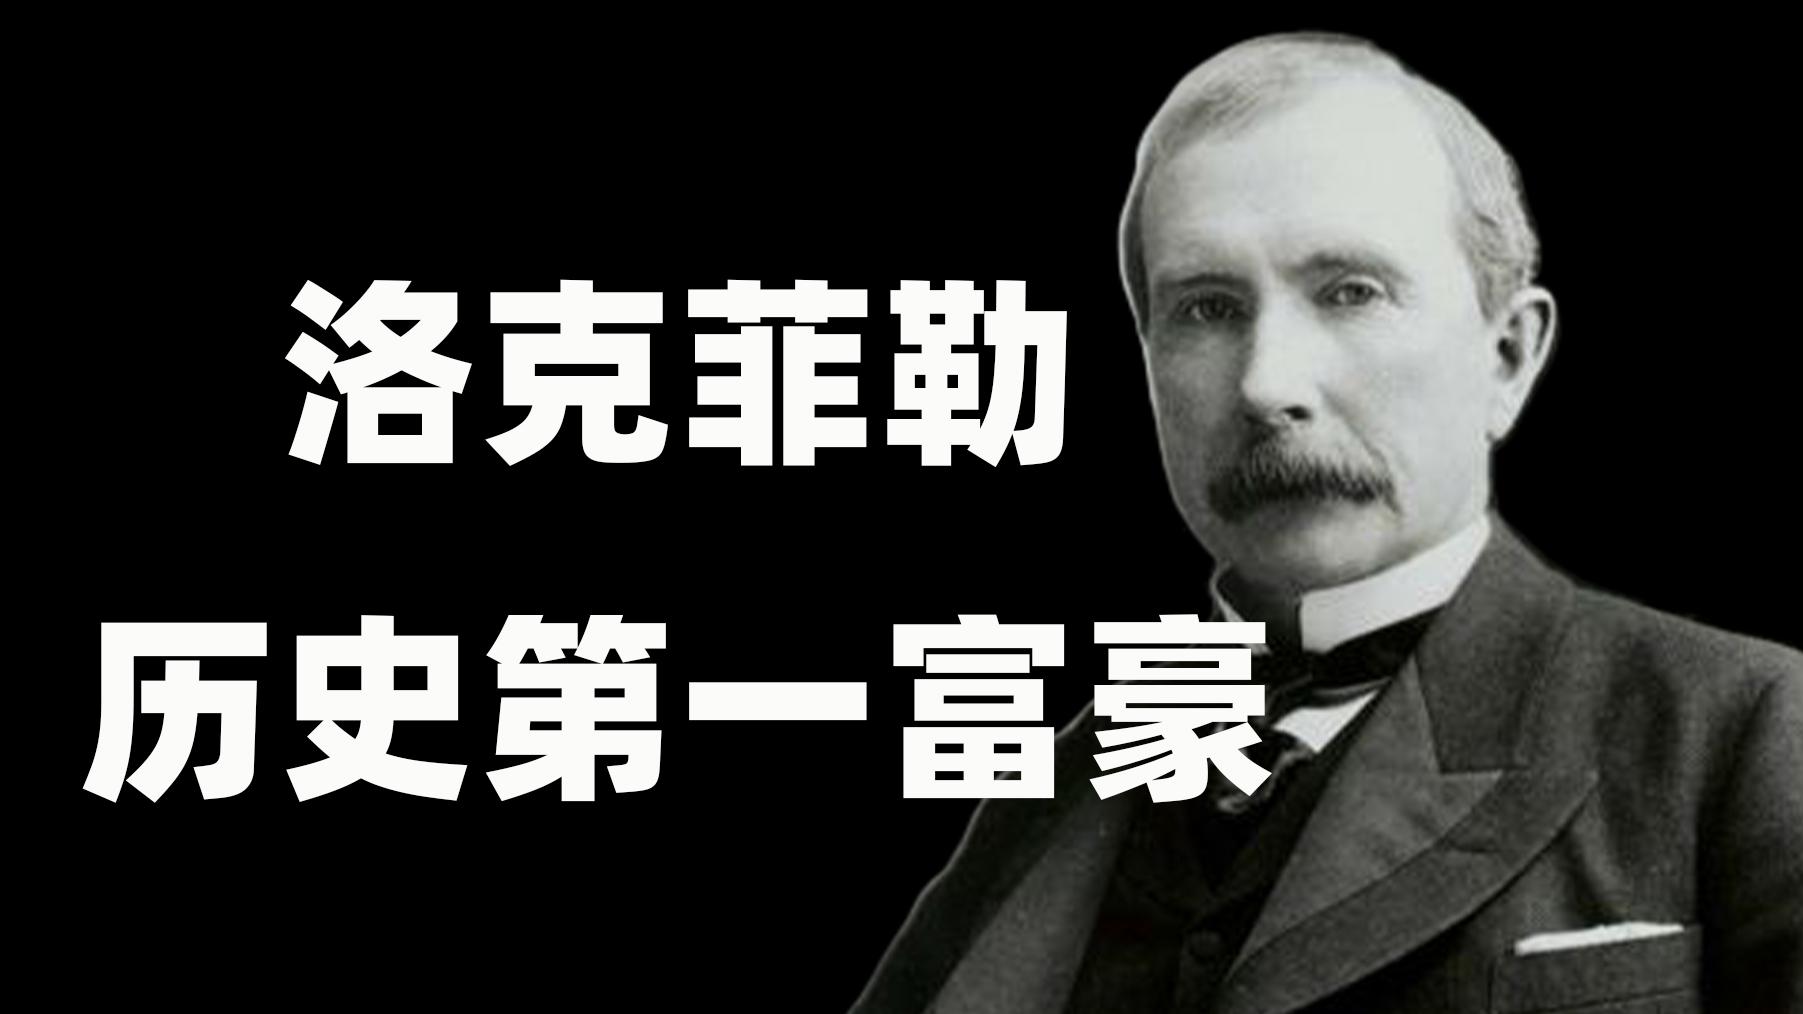 【洛克菲勒】黄金时代造就的,历史第一富豪